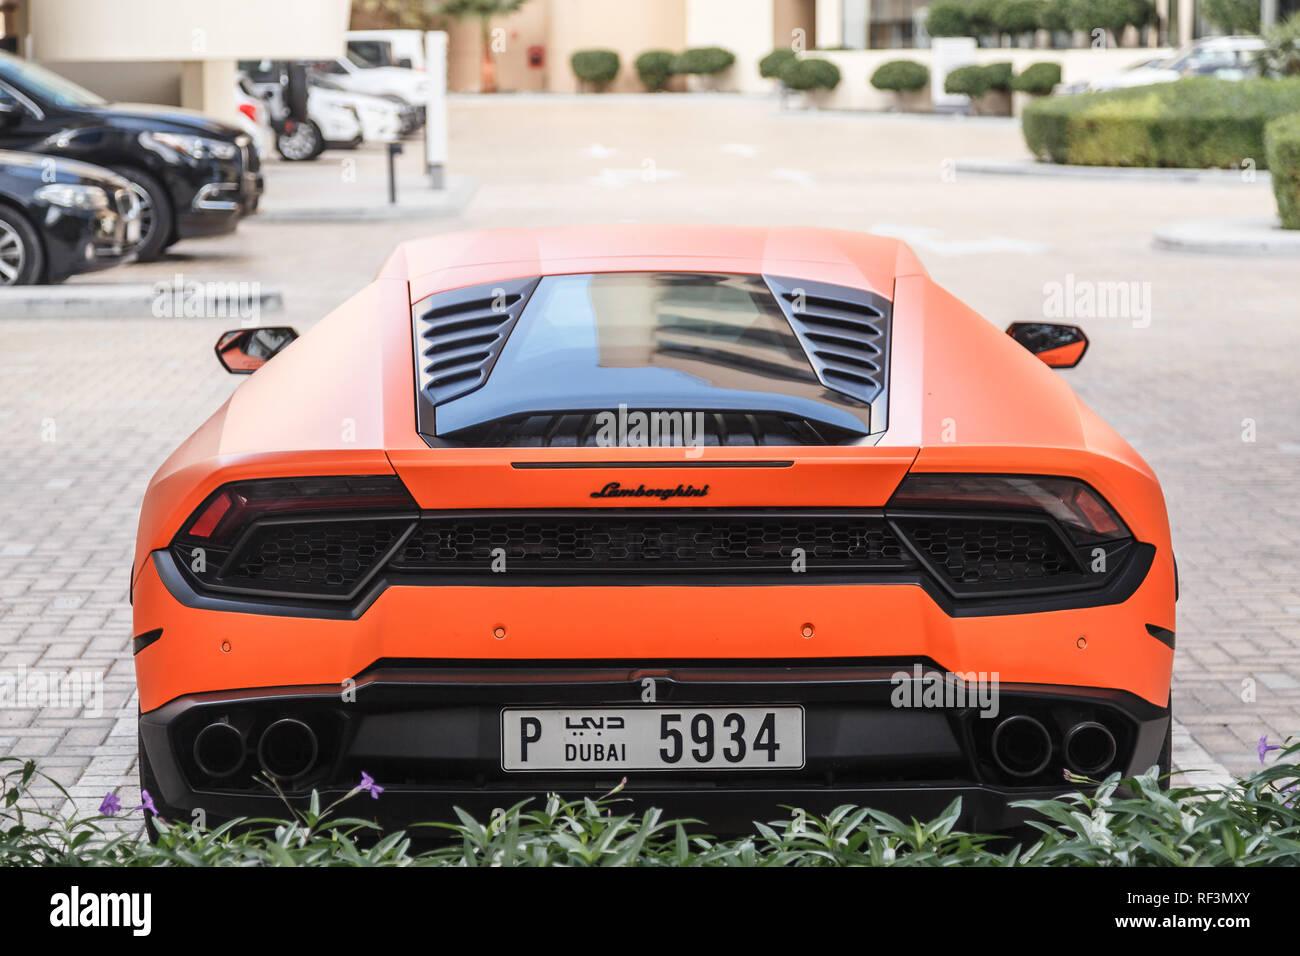 Dubai Uae January 08 2019 Orange Lamborghini Huracan Outside